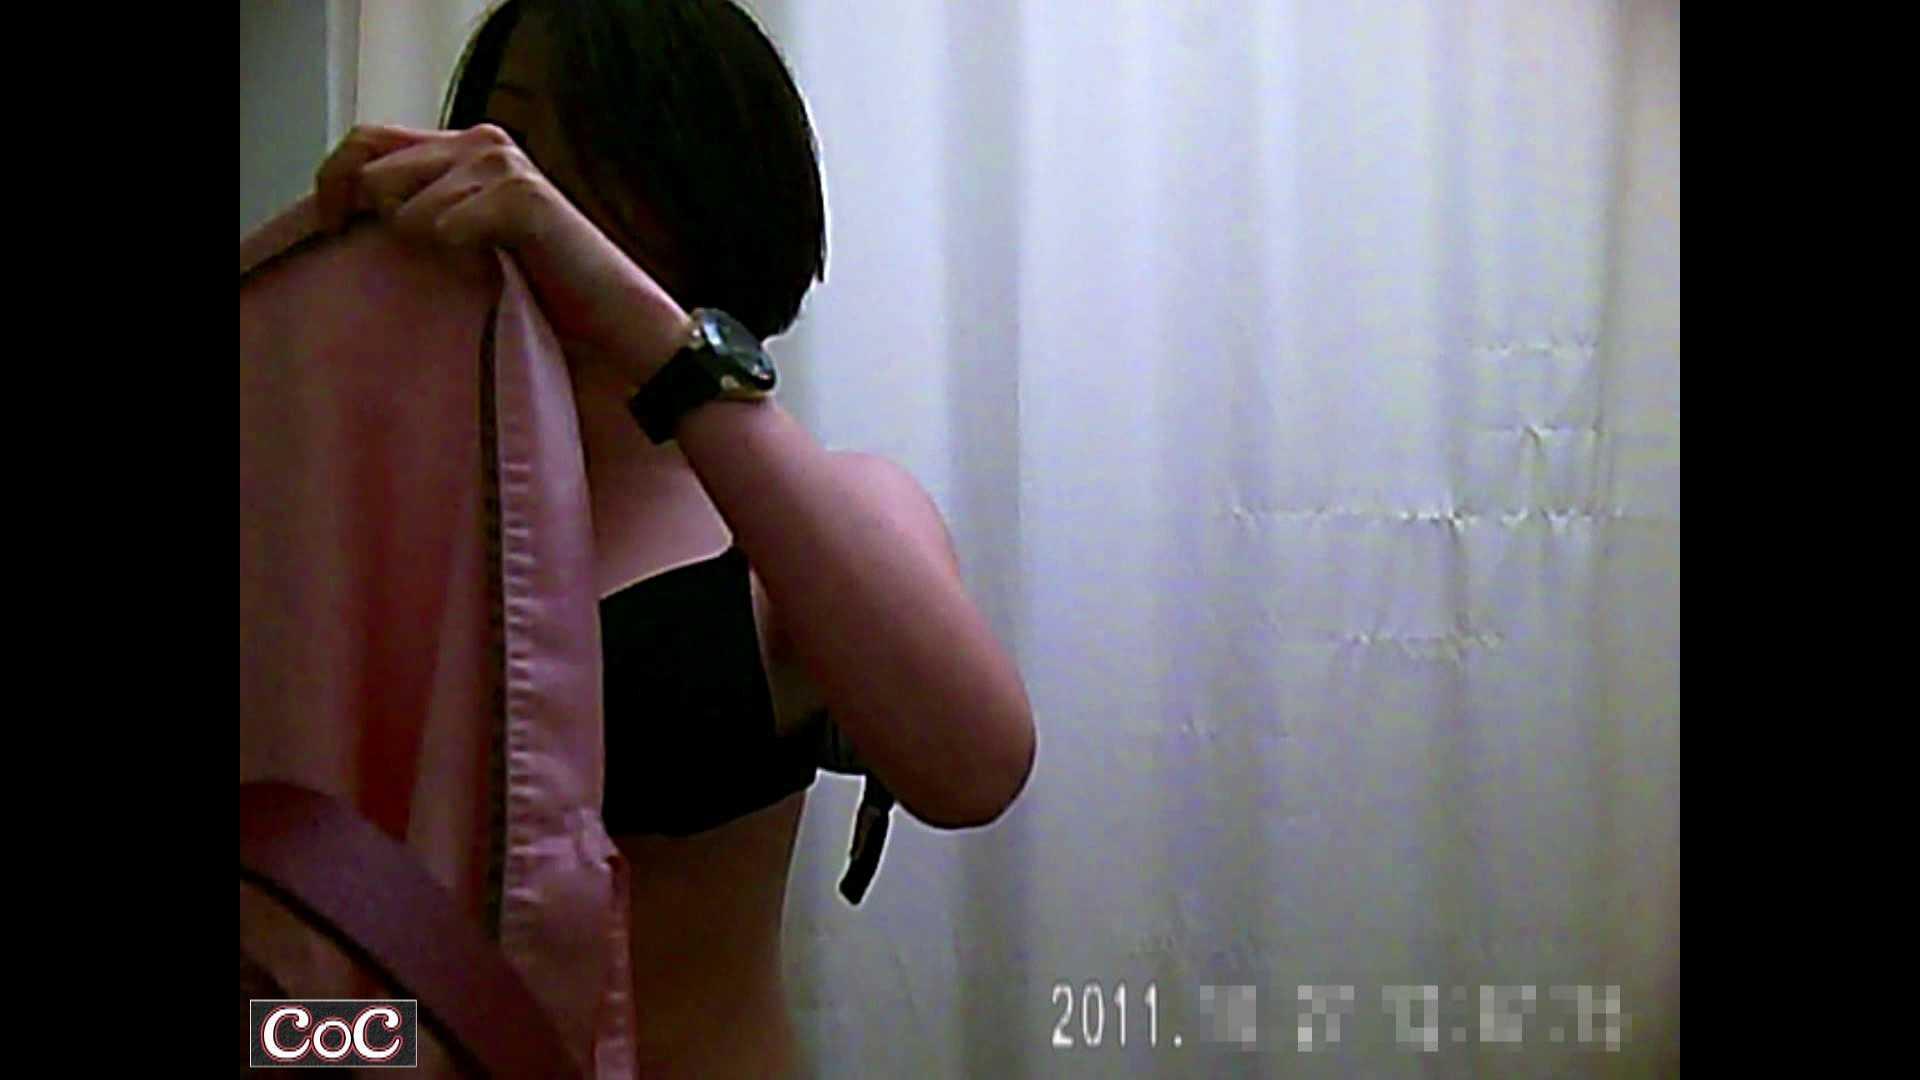 元医者による反抗 更衣室地獄絵巻 vol.223 OLハメ撮り  97Pix 43